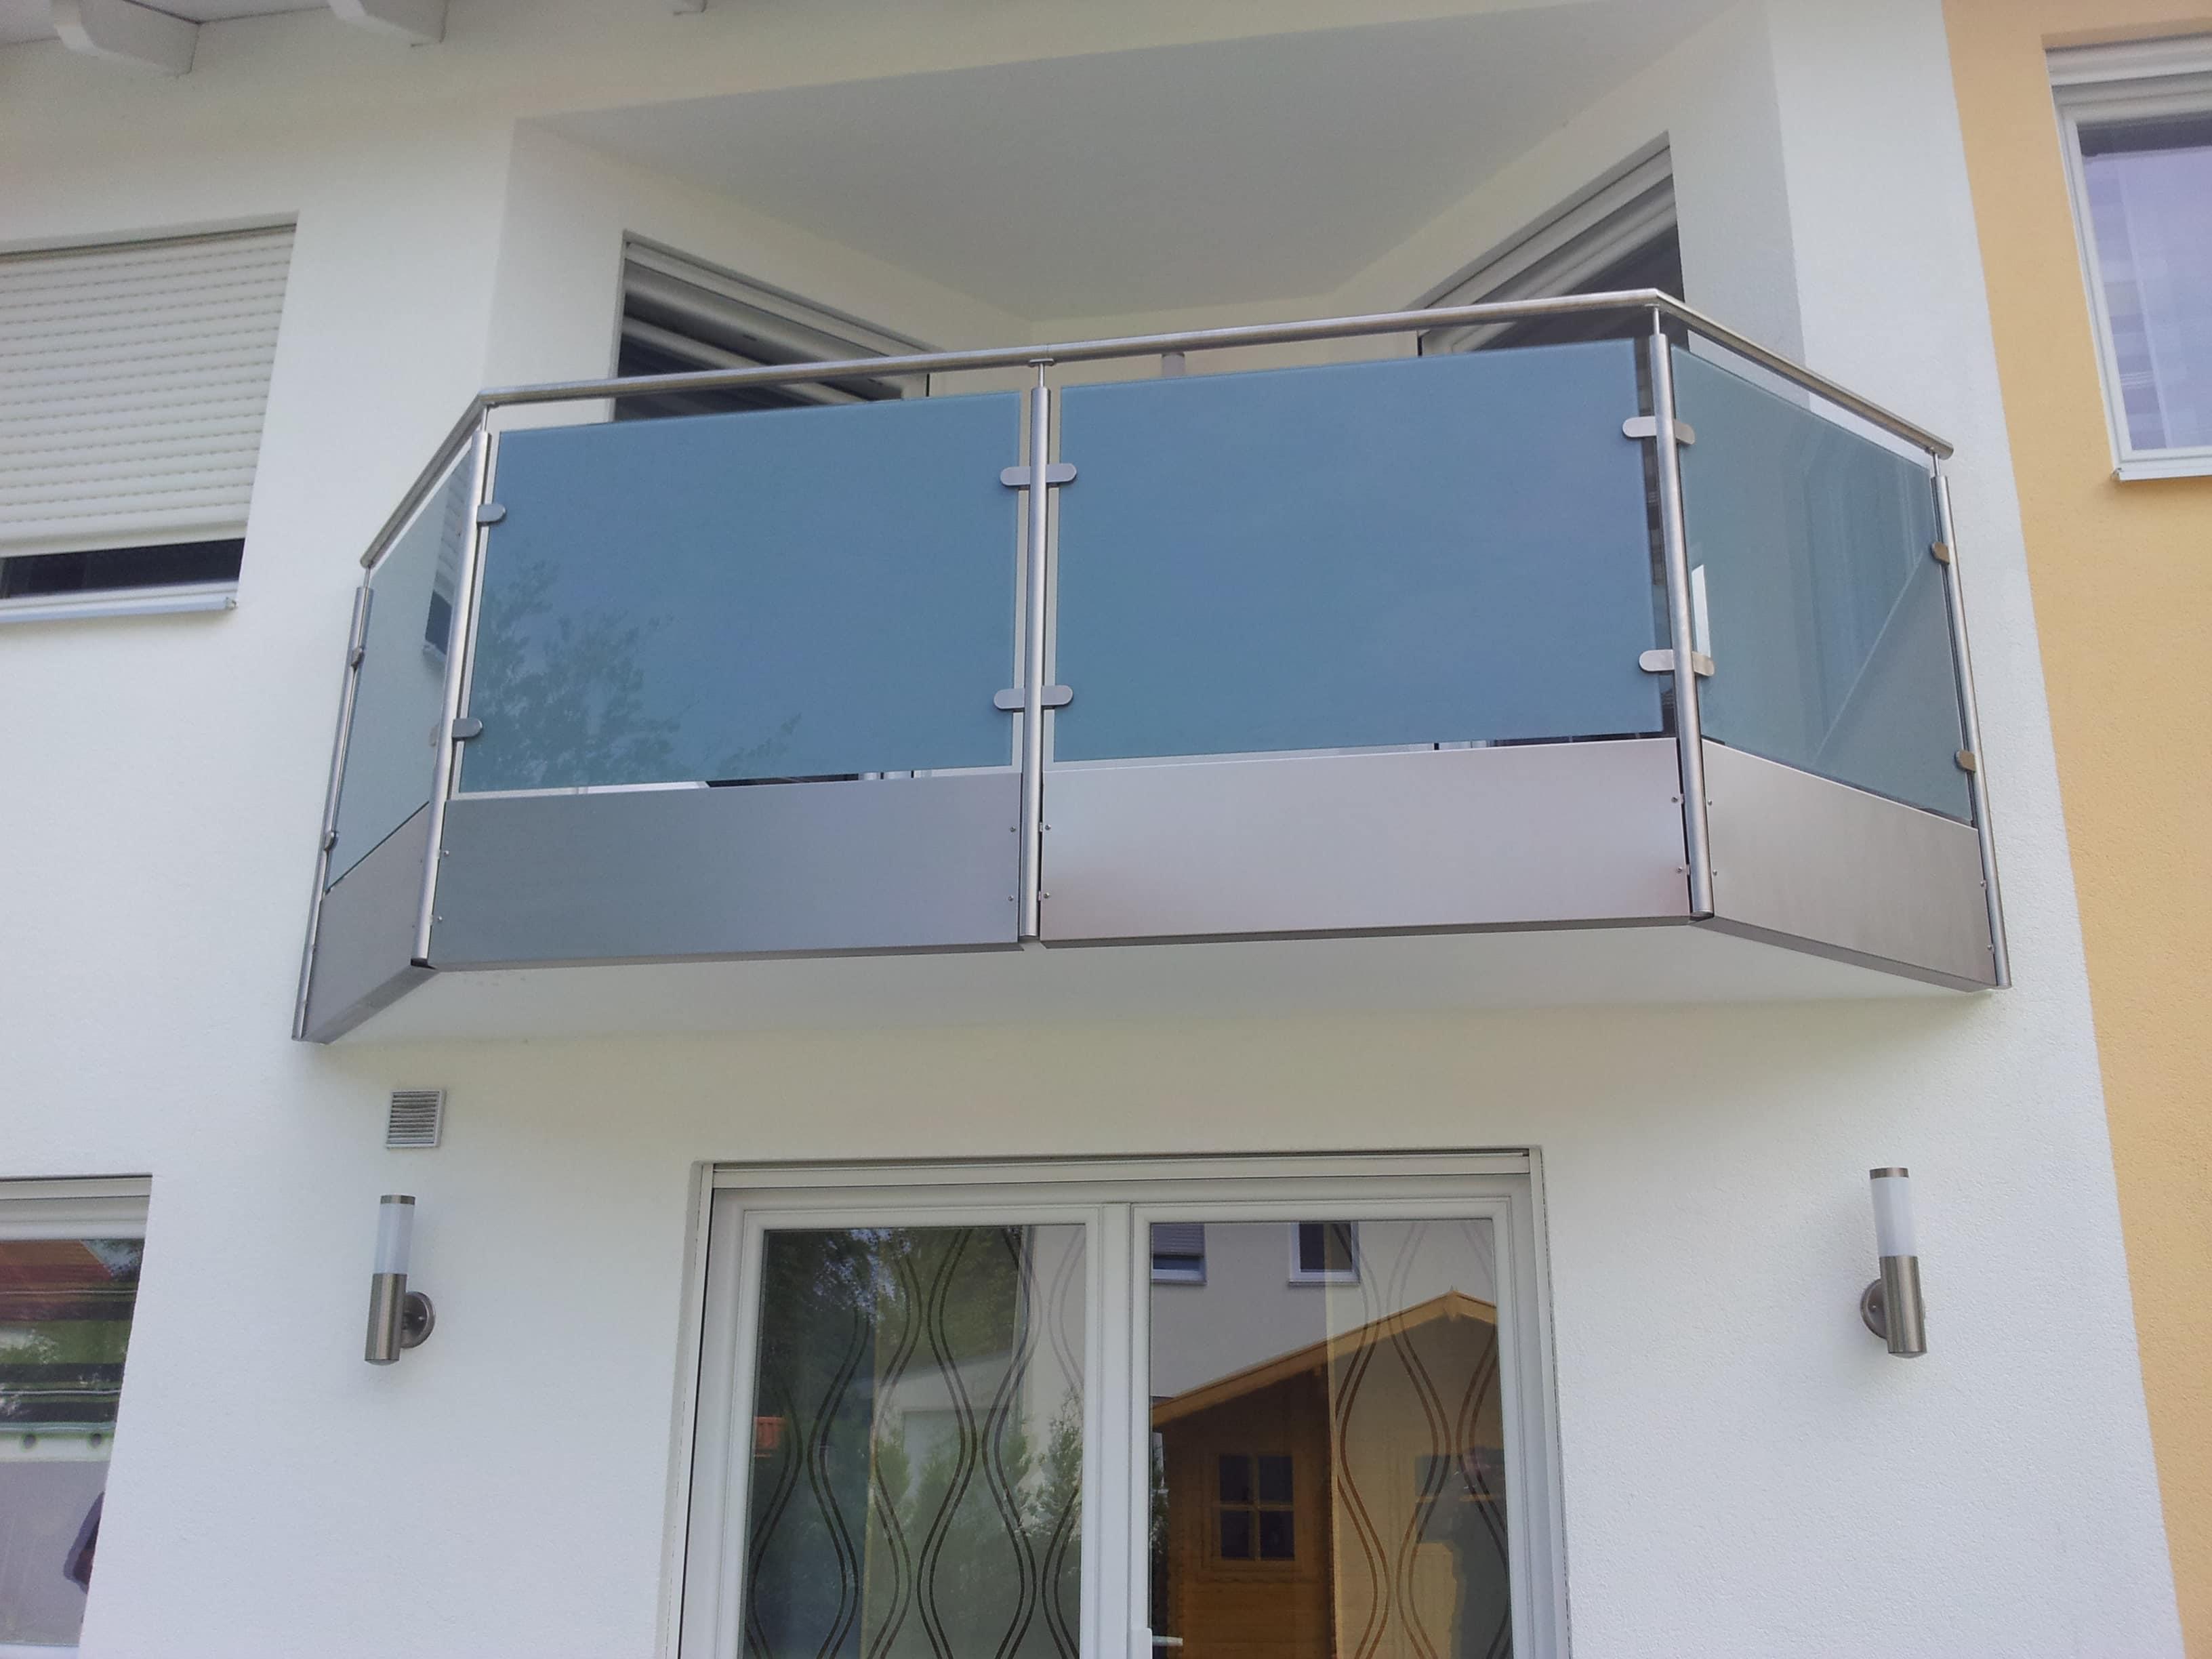 formvollendeter Balkon aus Edelstahl